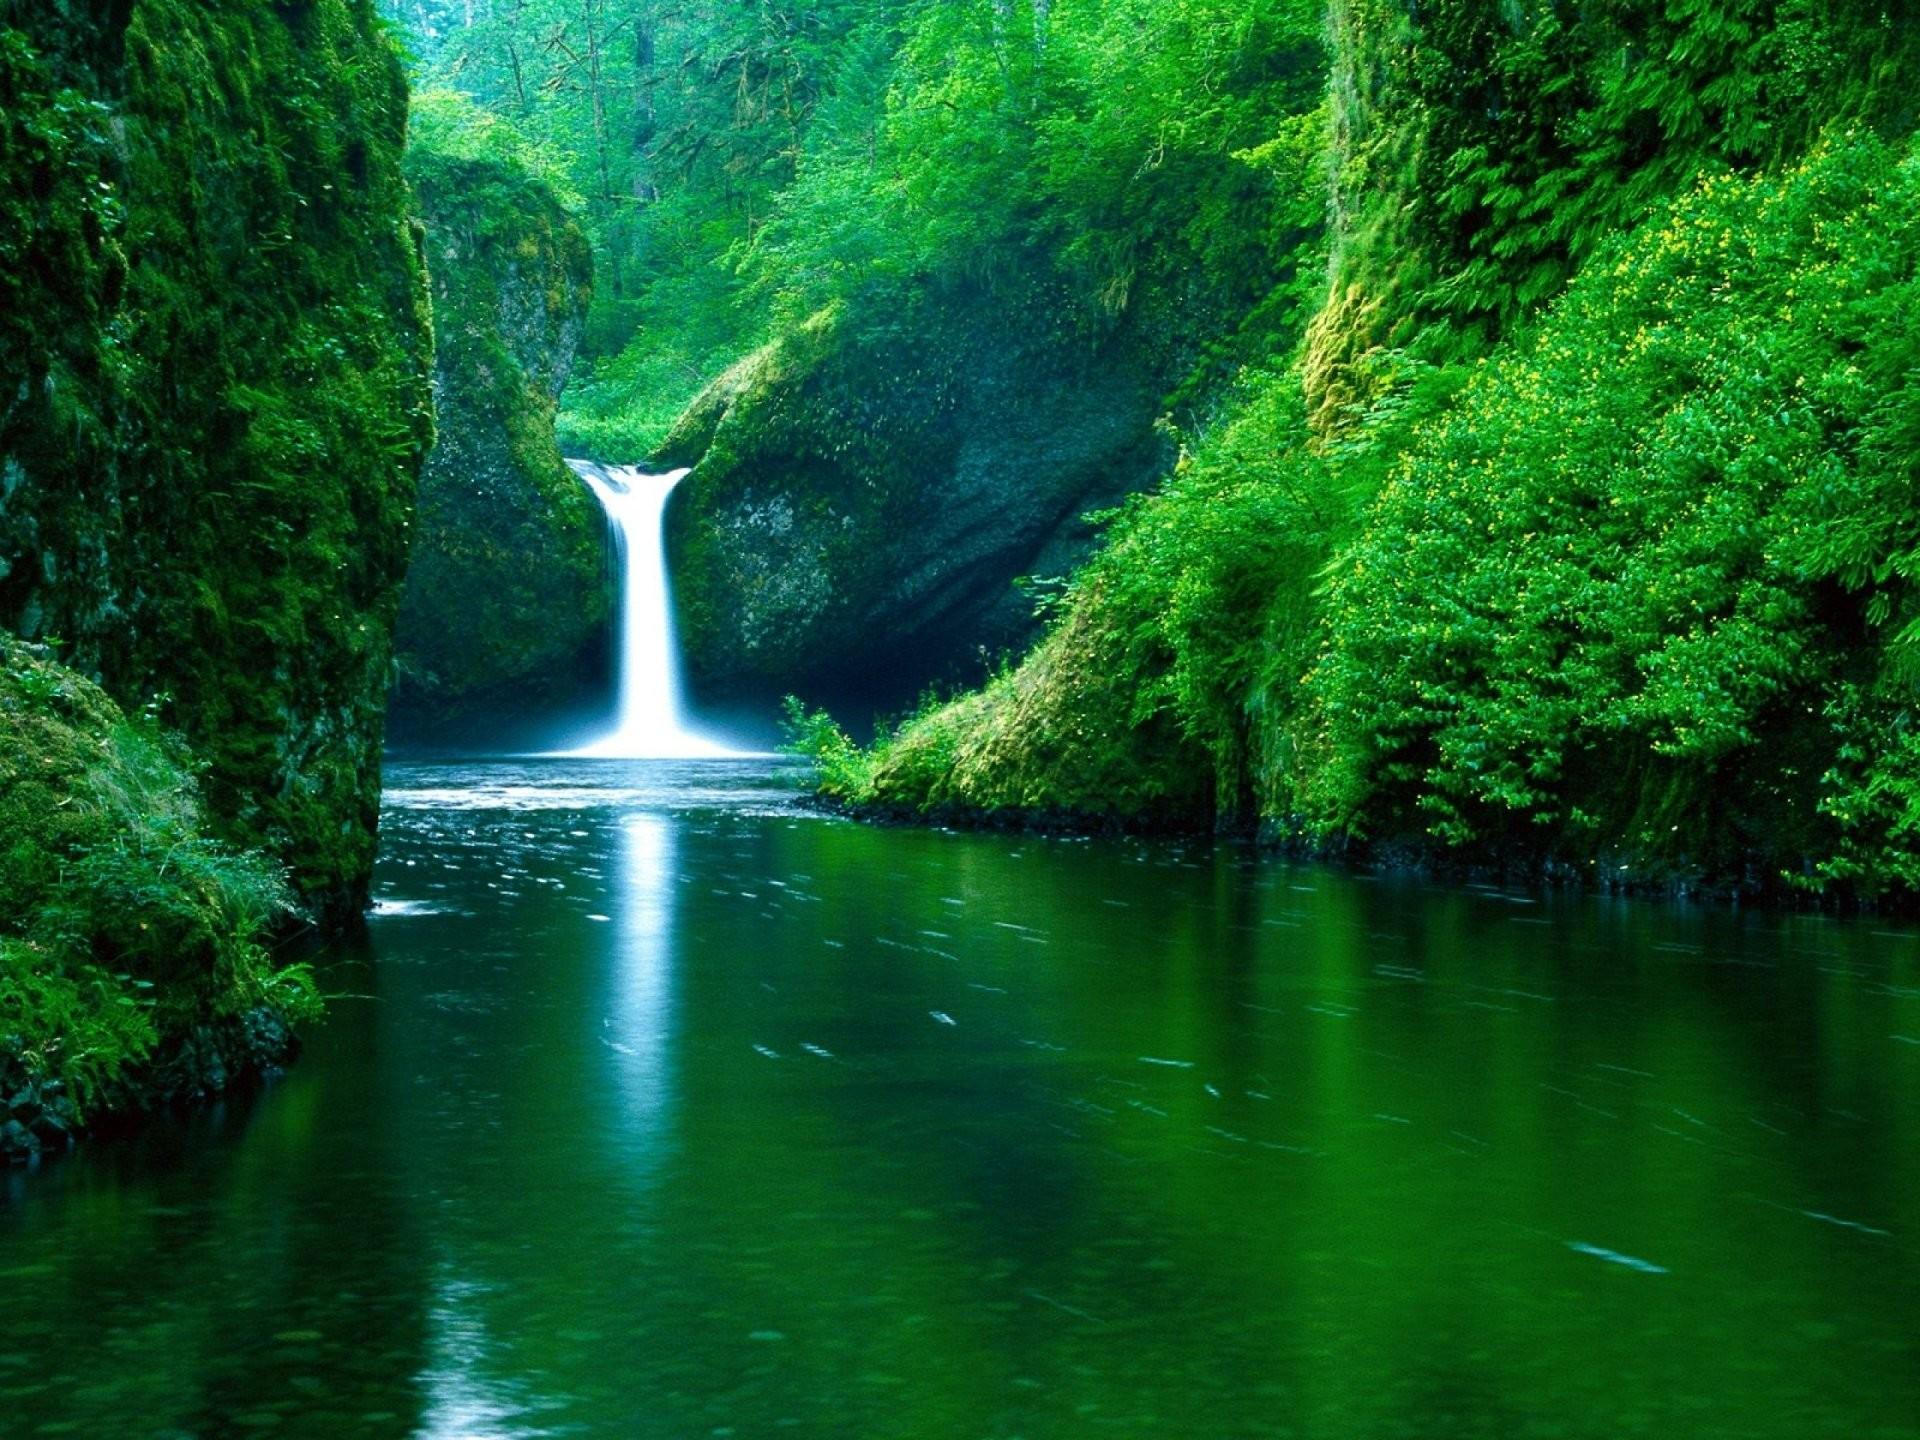 Sfondi Verde Acqua 58 Immagini